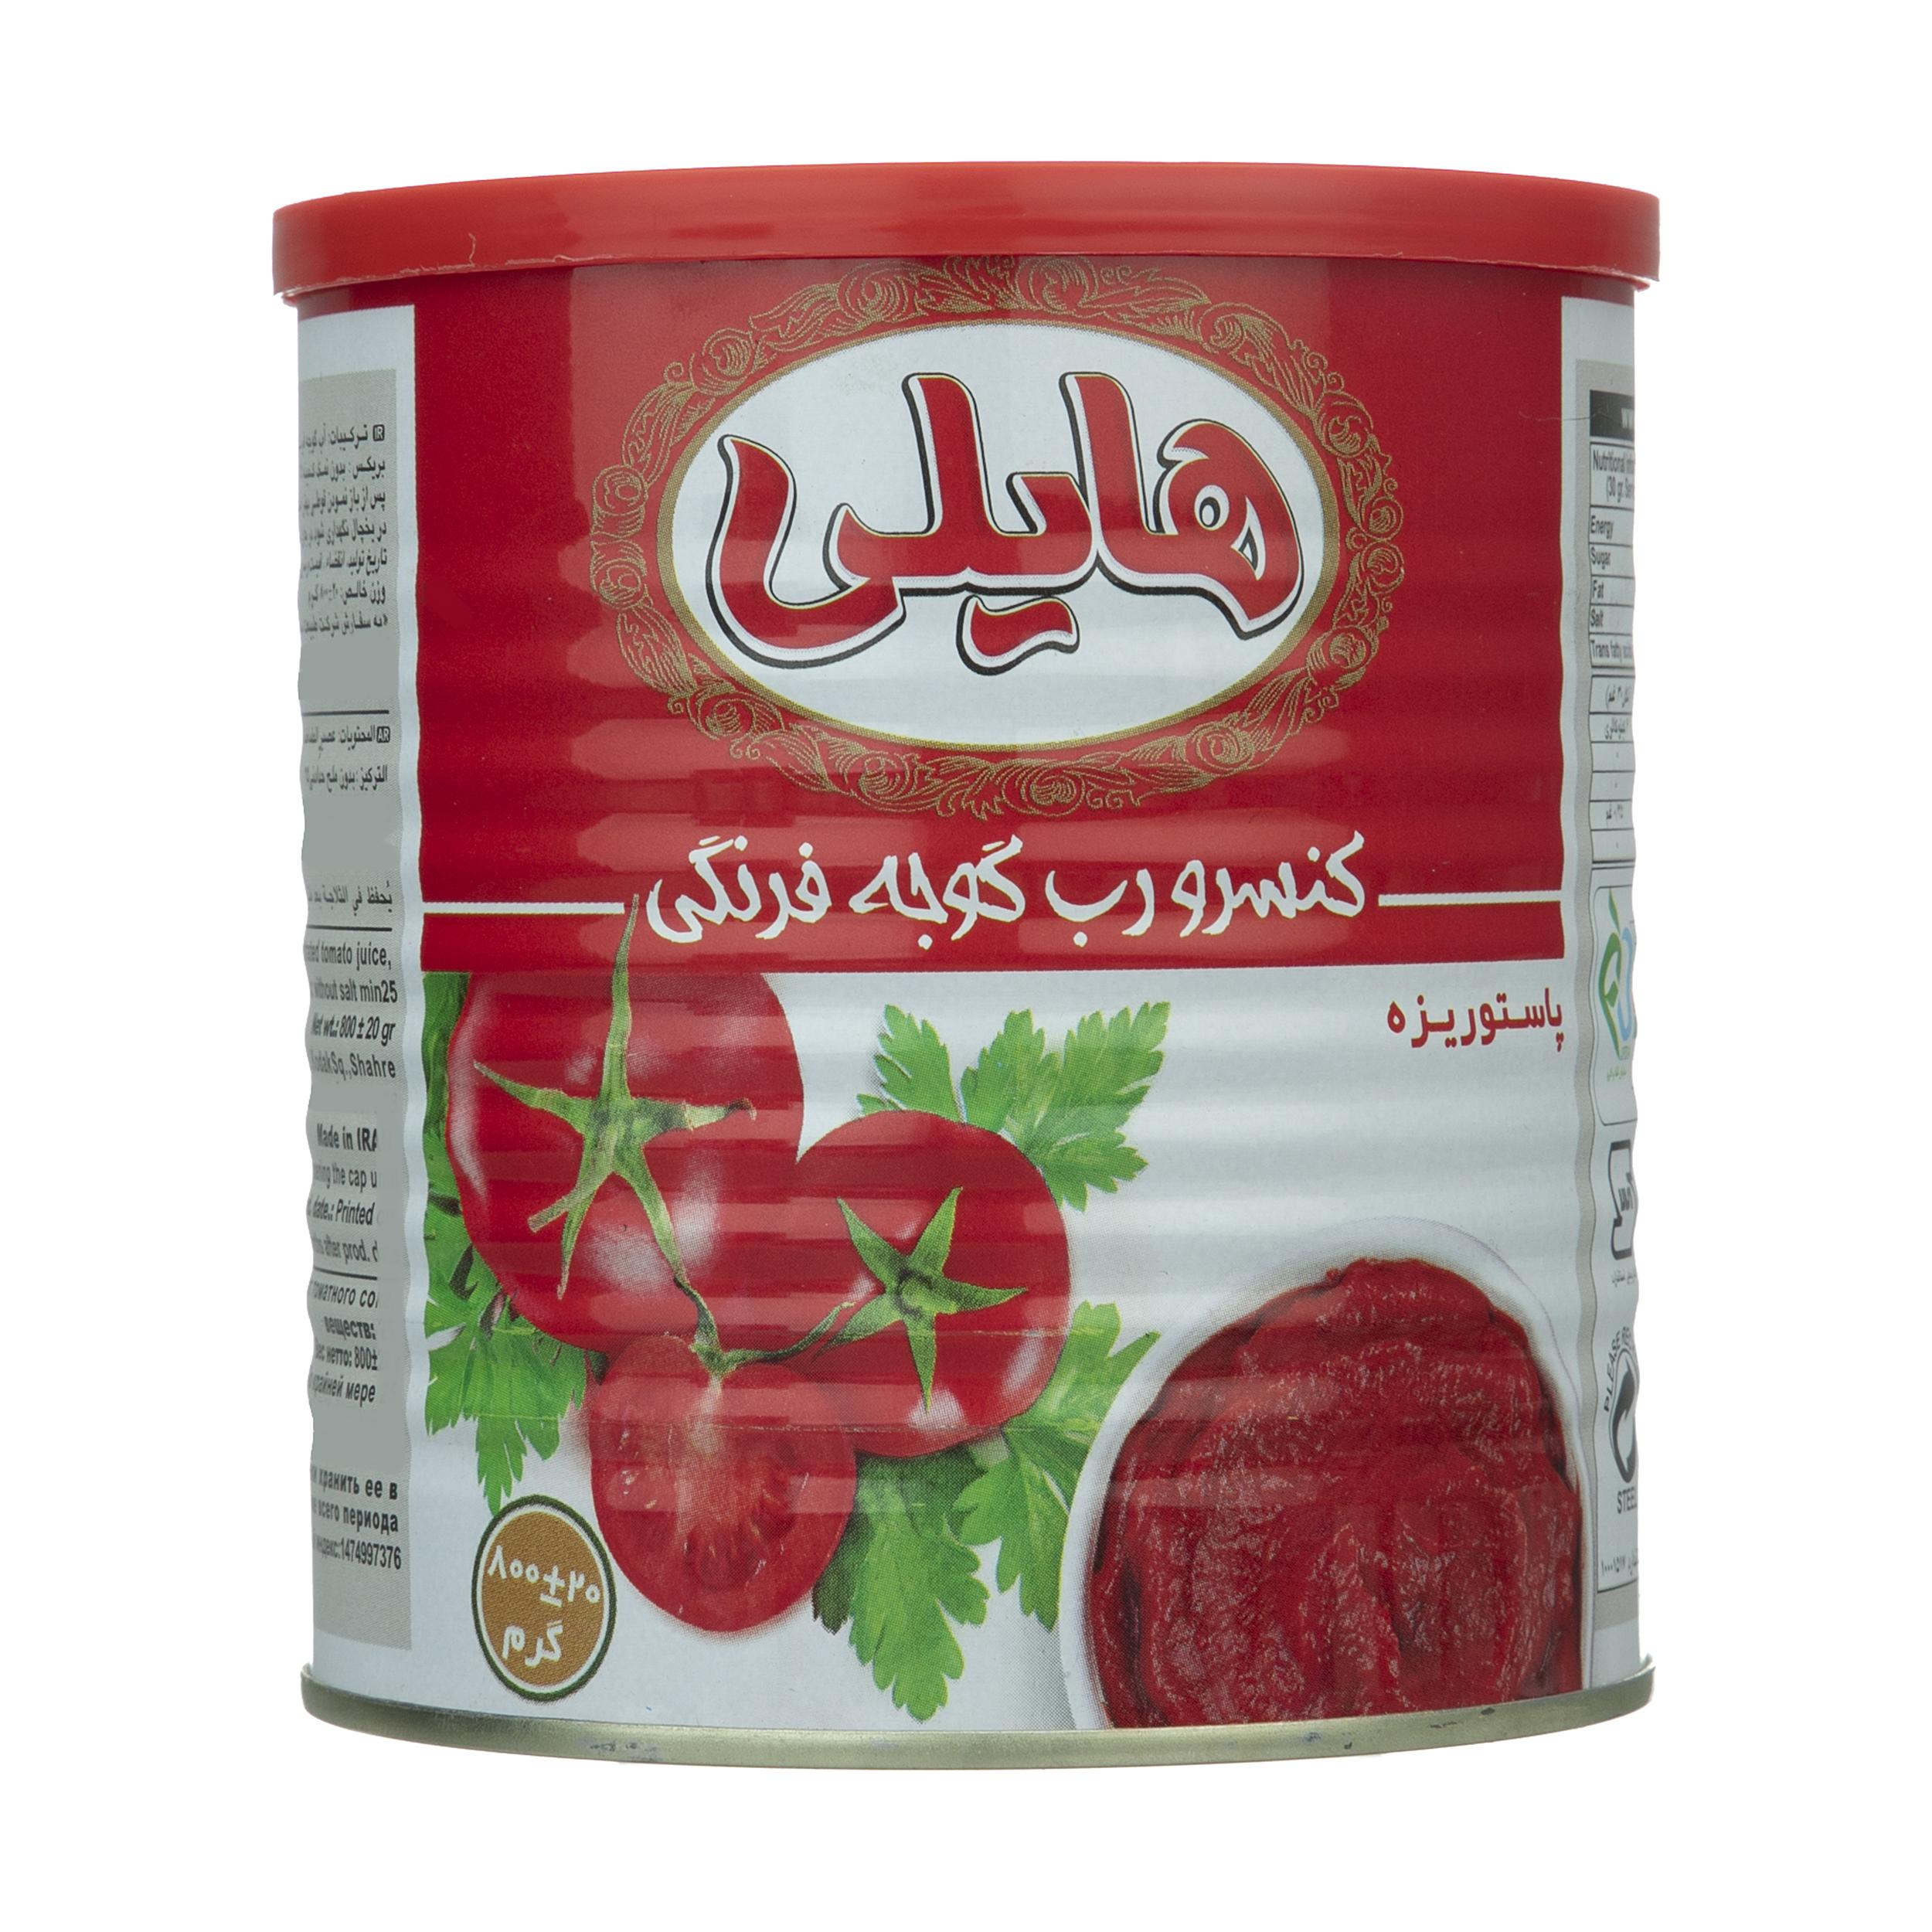 رب گوجه فرنگی هایلی - 800 گرم